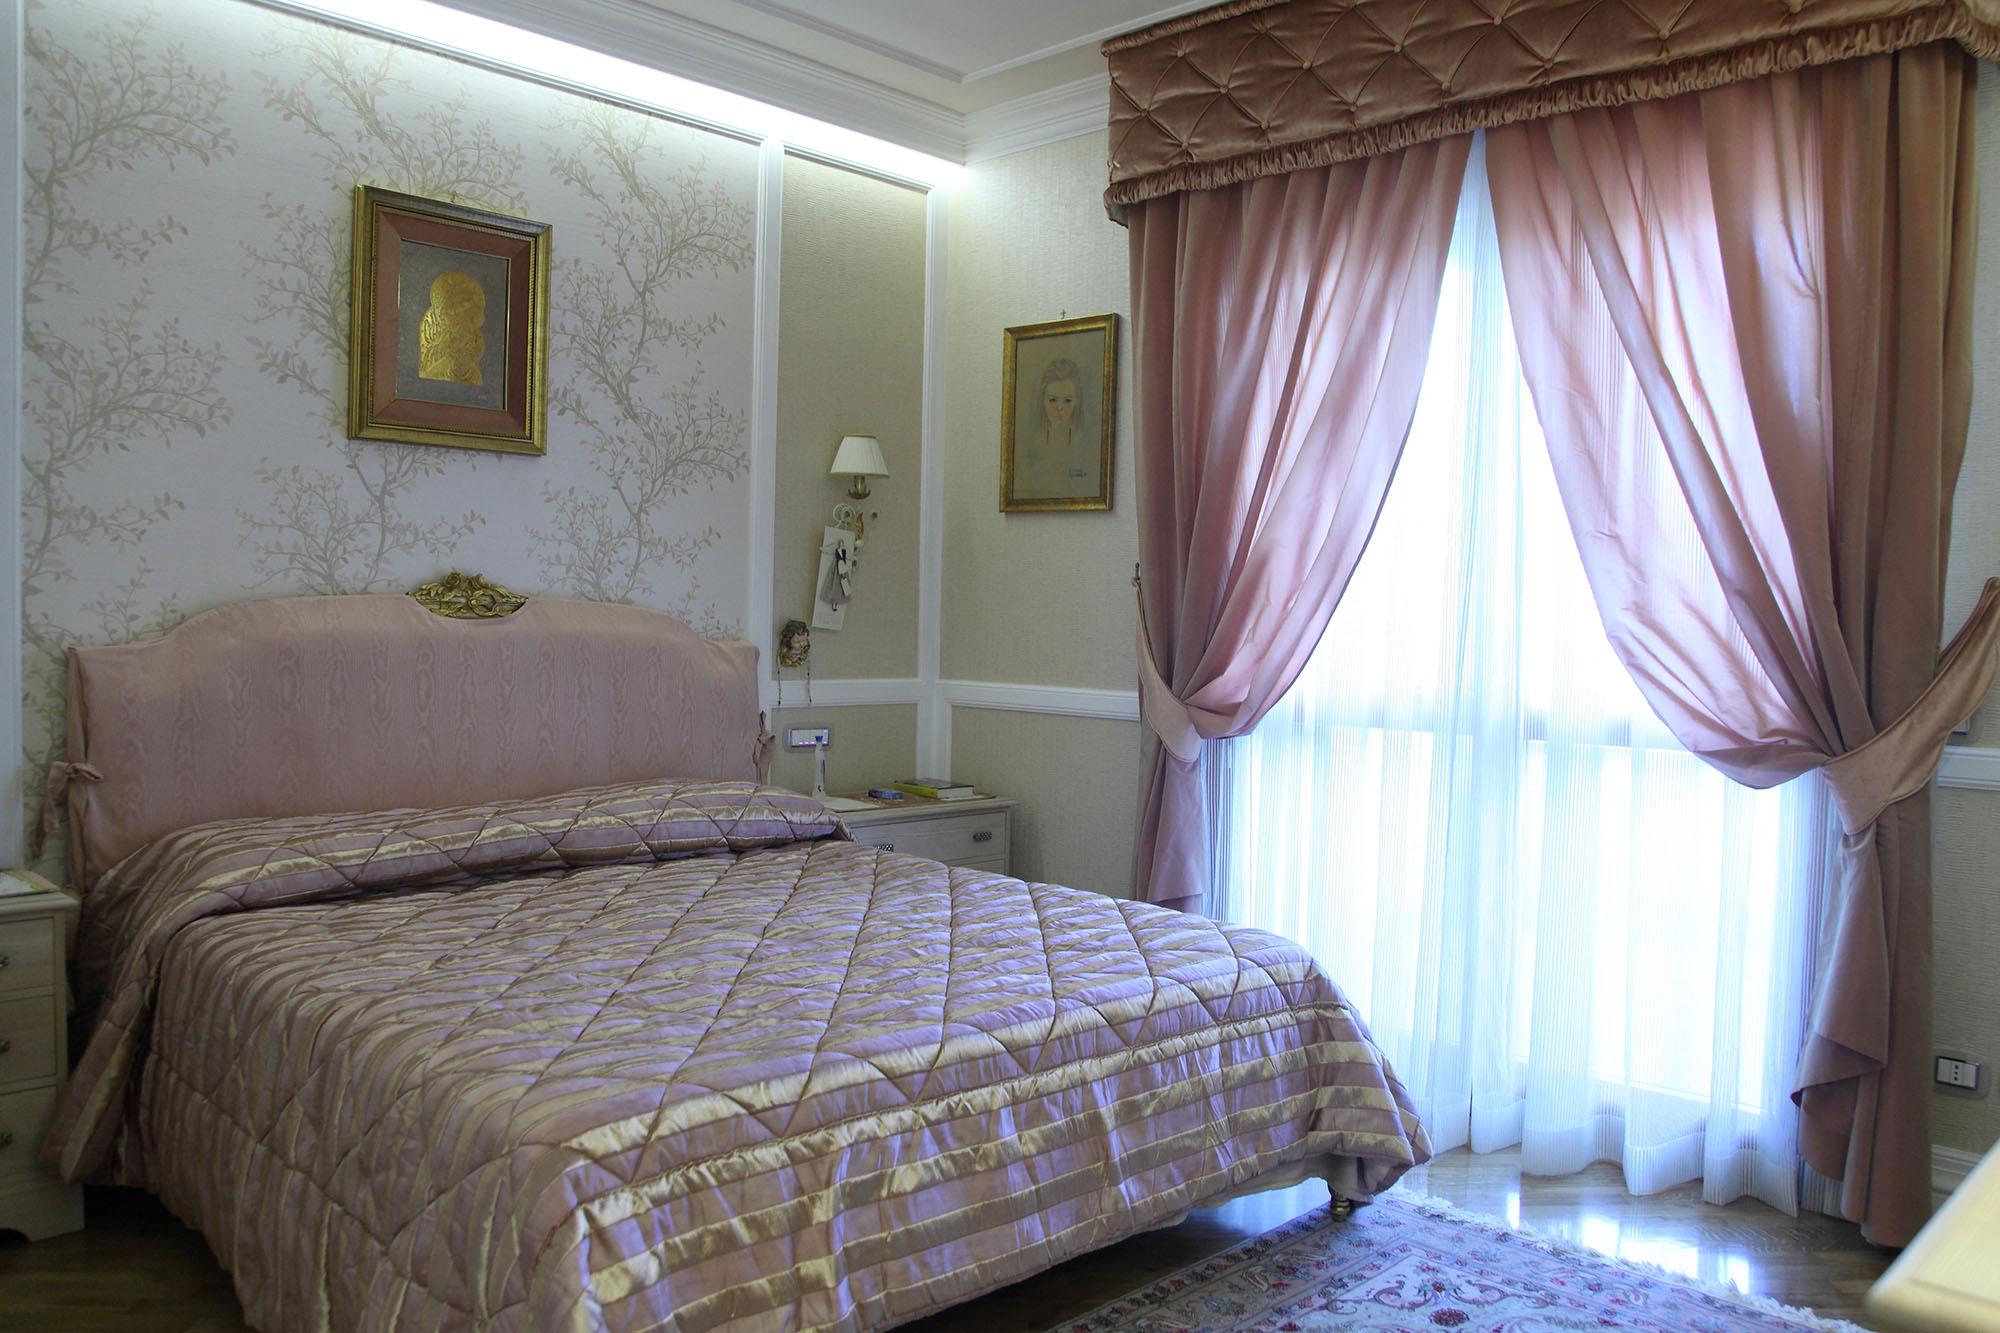 Benedetti domus arredamento e design in stile classico roma camere da letto e servizi - Camere da letto 2014 ...